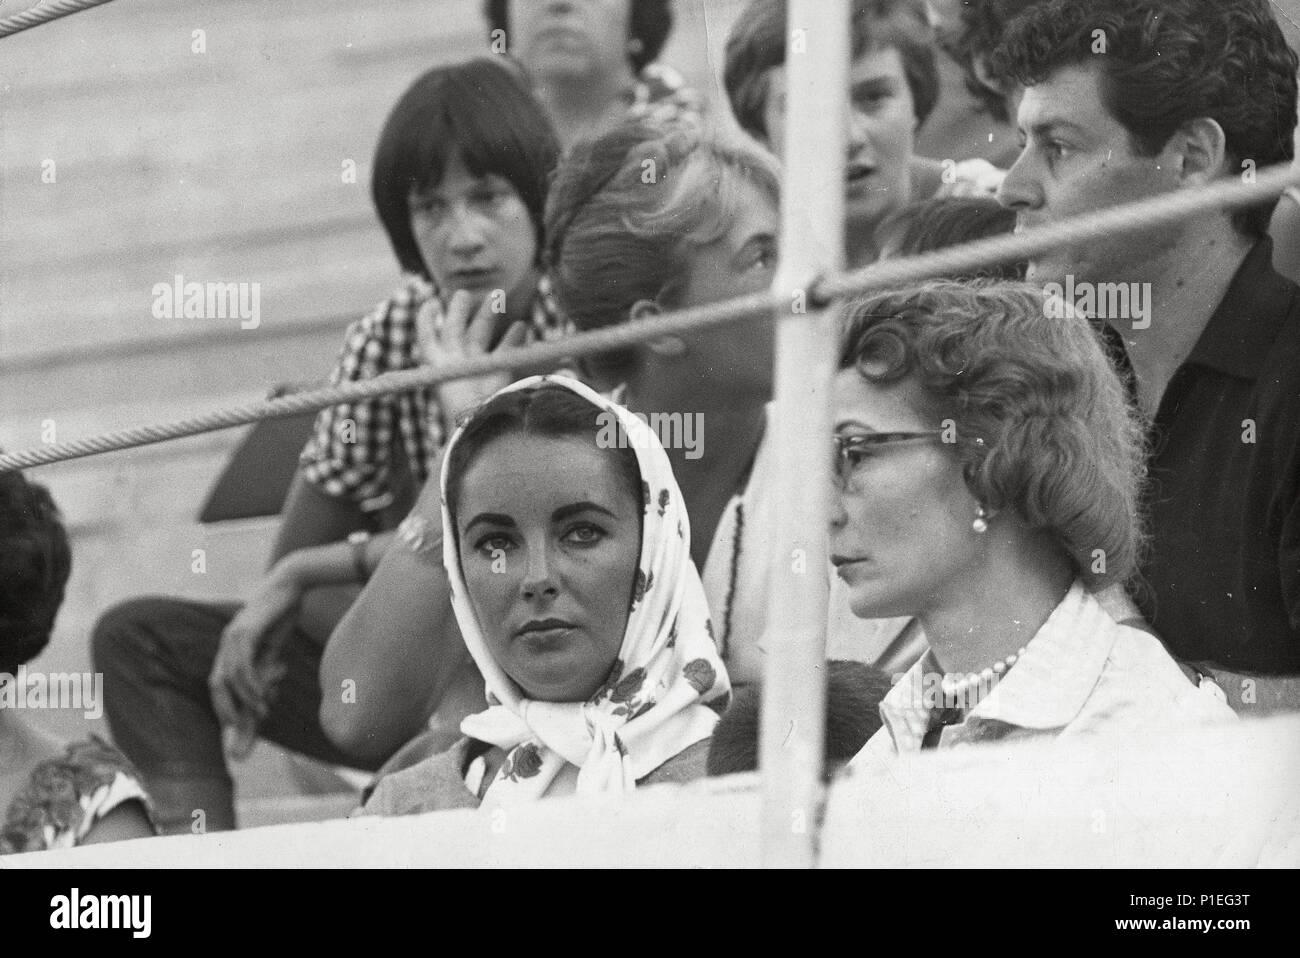 Descripción: E. Taylor en la plaza de toros Monumental de Barcelona con su cuarto marido Eddie Fisher (sentado detras) en 1963. . Año: 1963. Estrellas: Elizabeth Taylor. Imagen De Stock